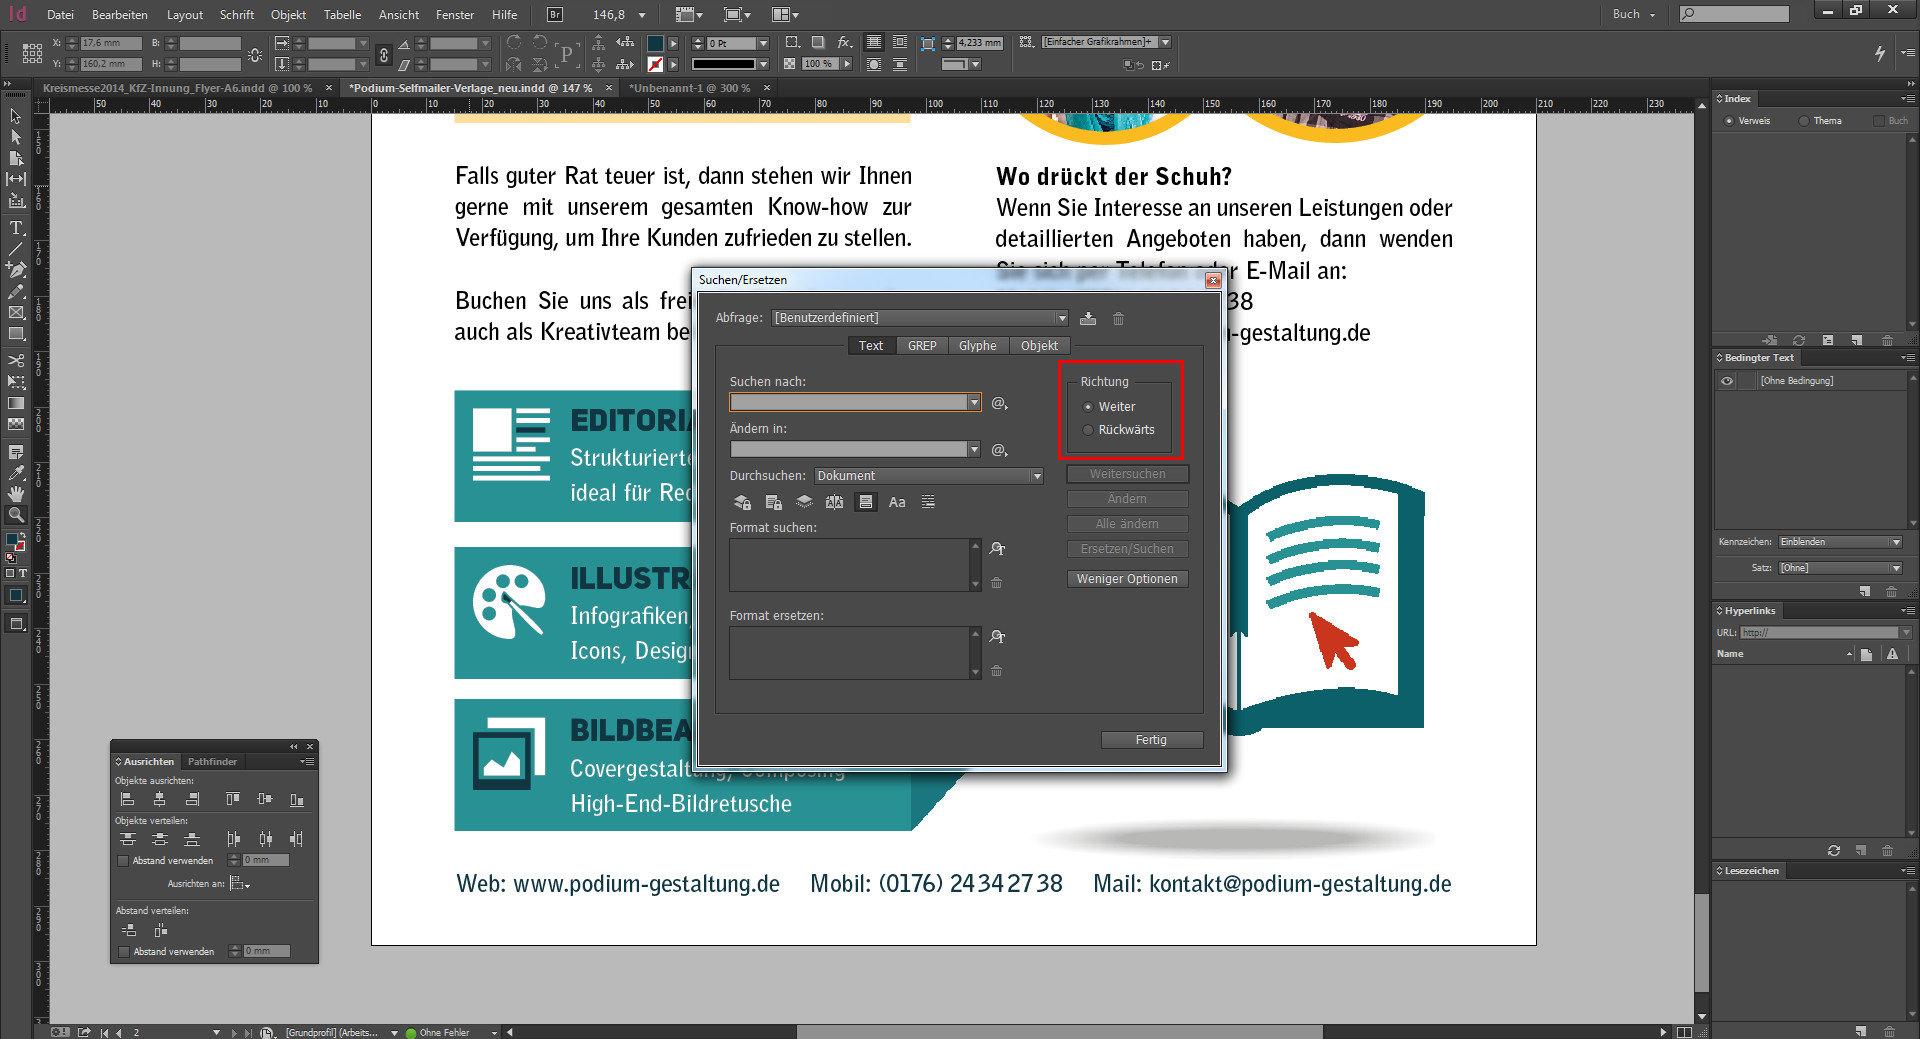 Neuerungen InDesign CC 2014 - Suchen und Ersetzen-Palette im InDesign